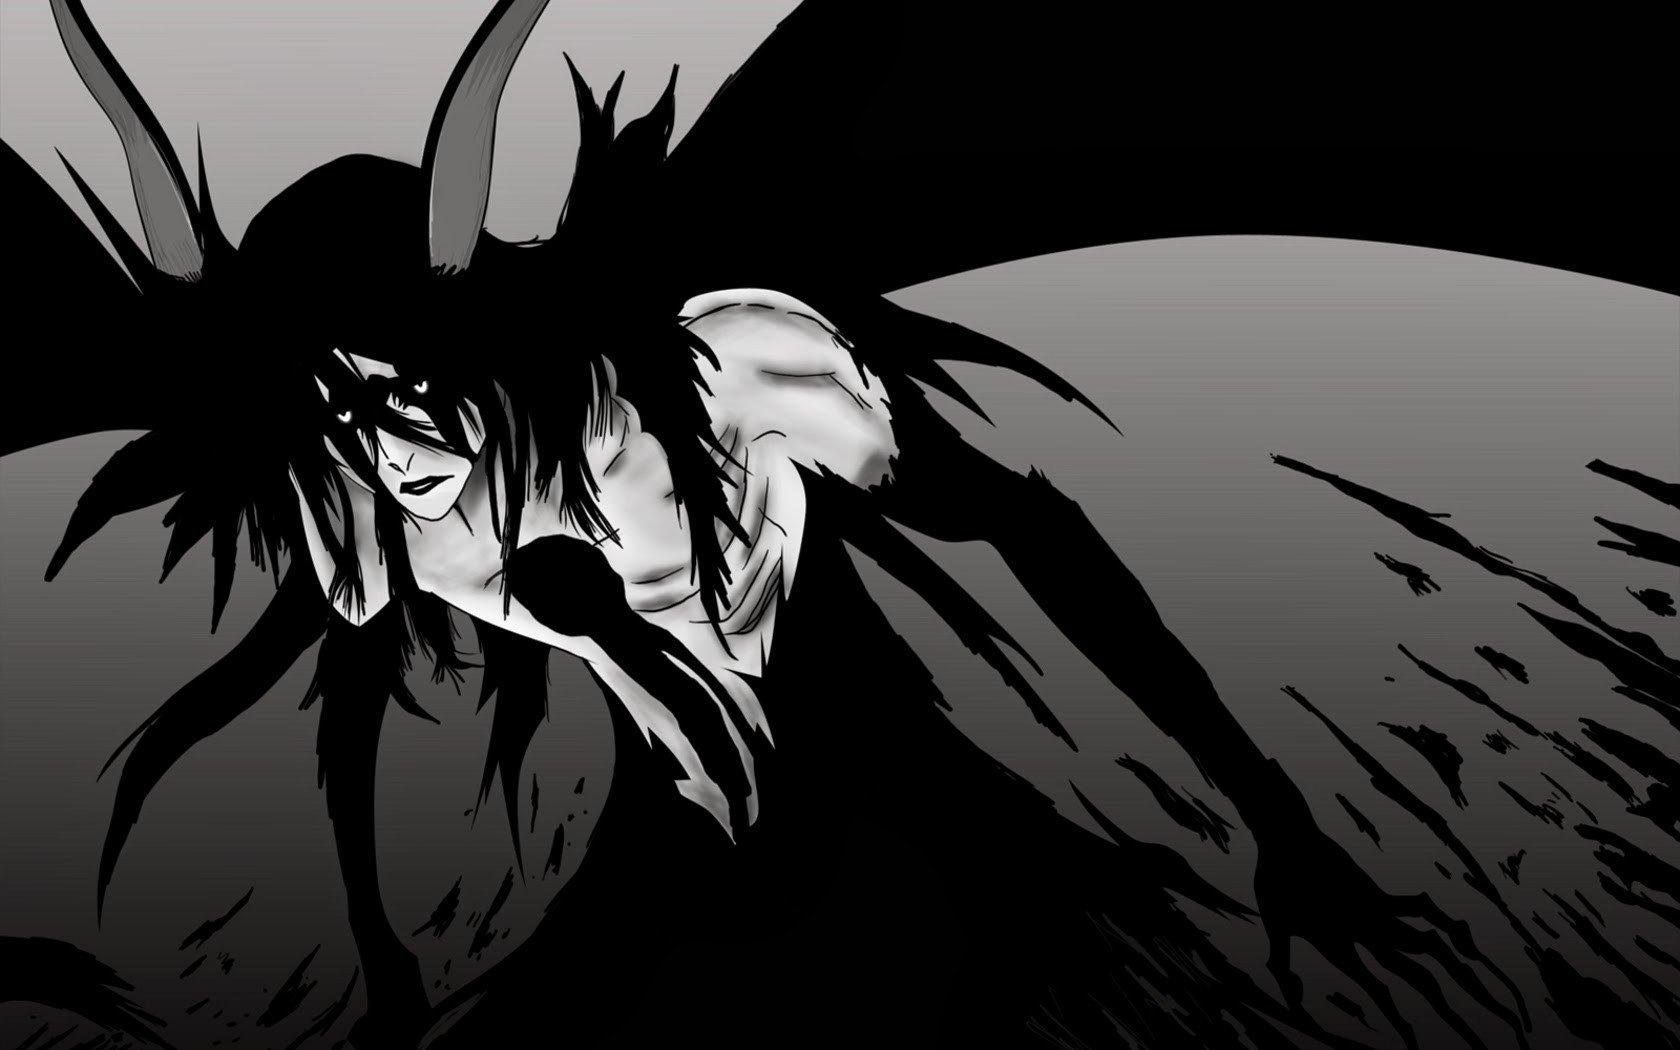 Ulquiorra Release Form Wallpaper anime, Bleach, Ulquior...